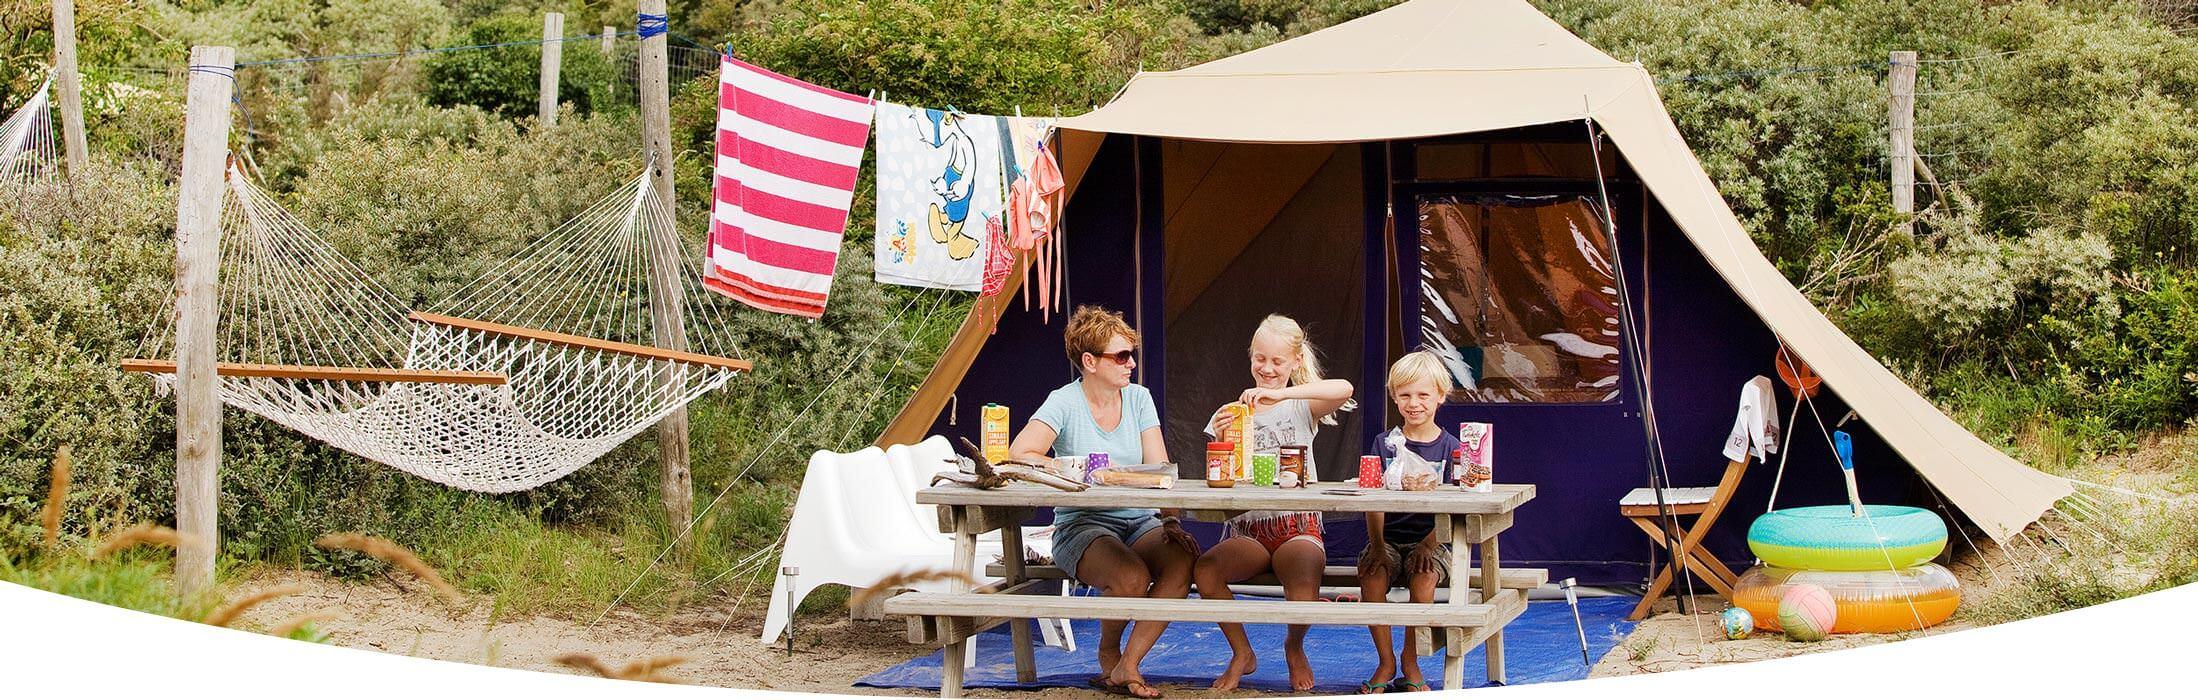 Hængekøjer til campingpladser og hoteller